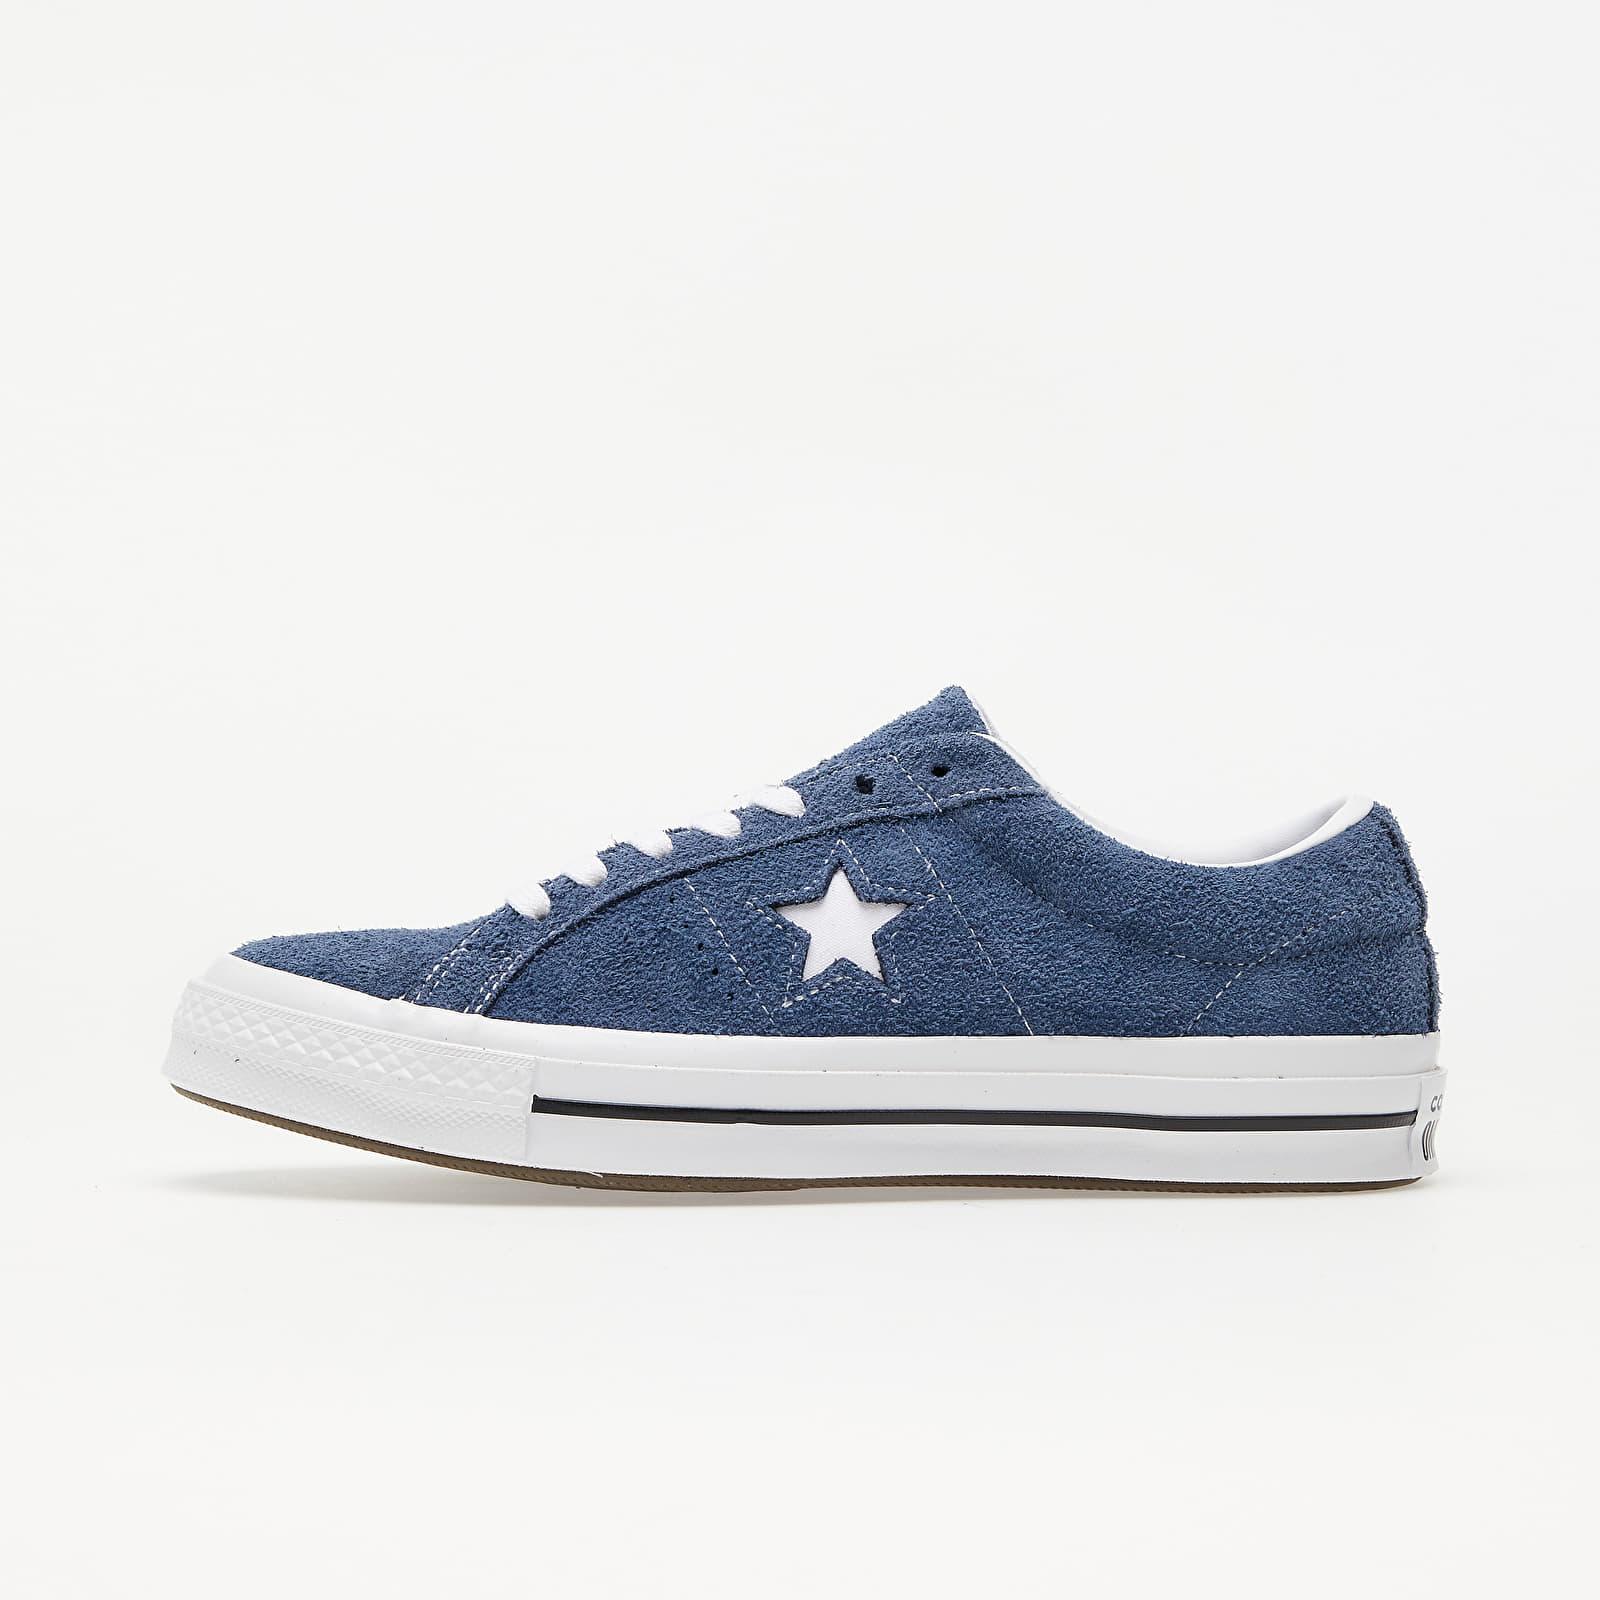 Converse One Star OX Navy/ White/ White EUR 44.5